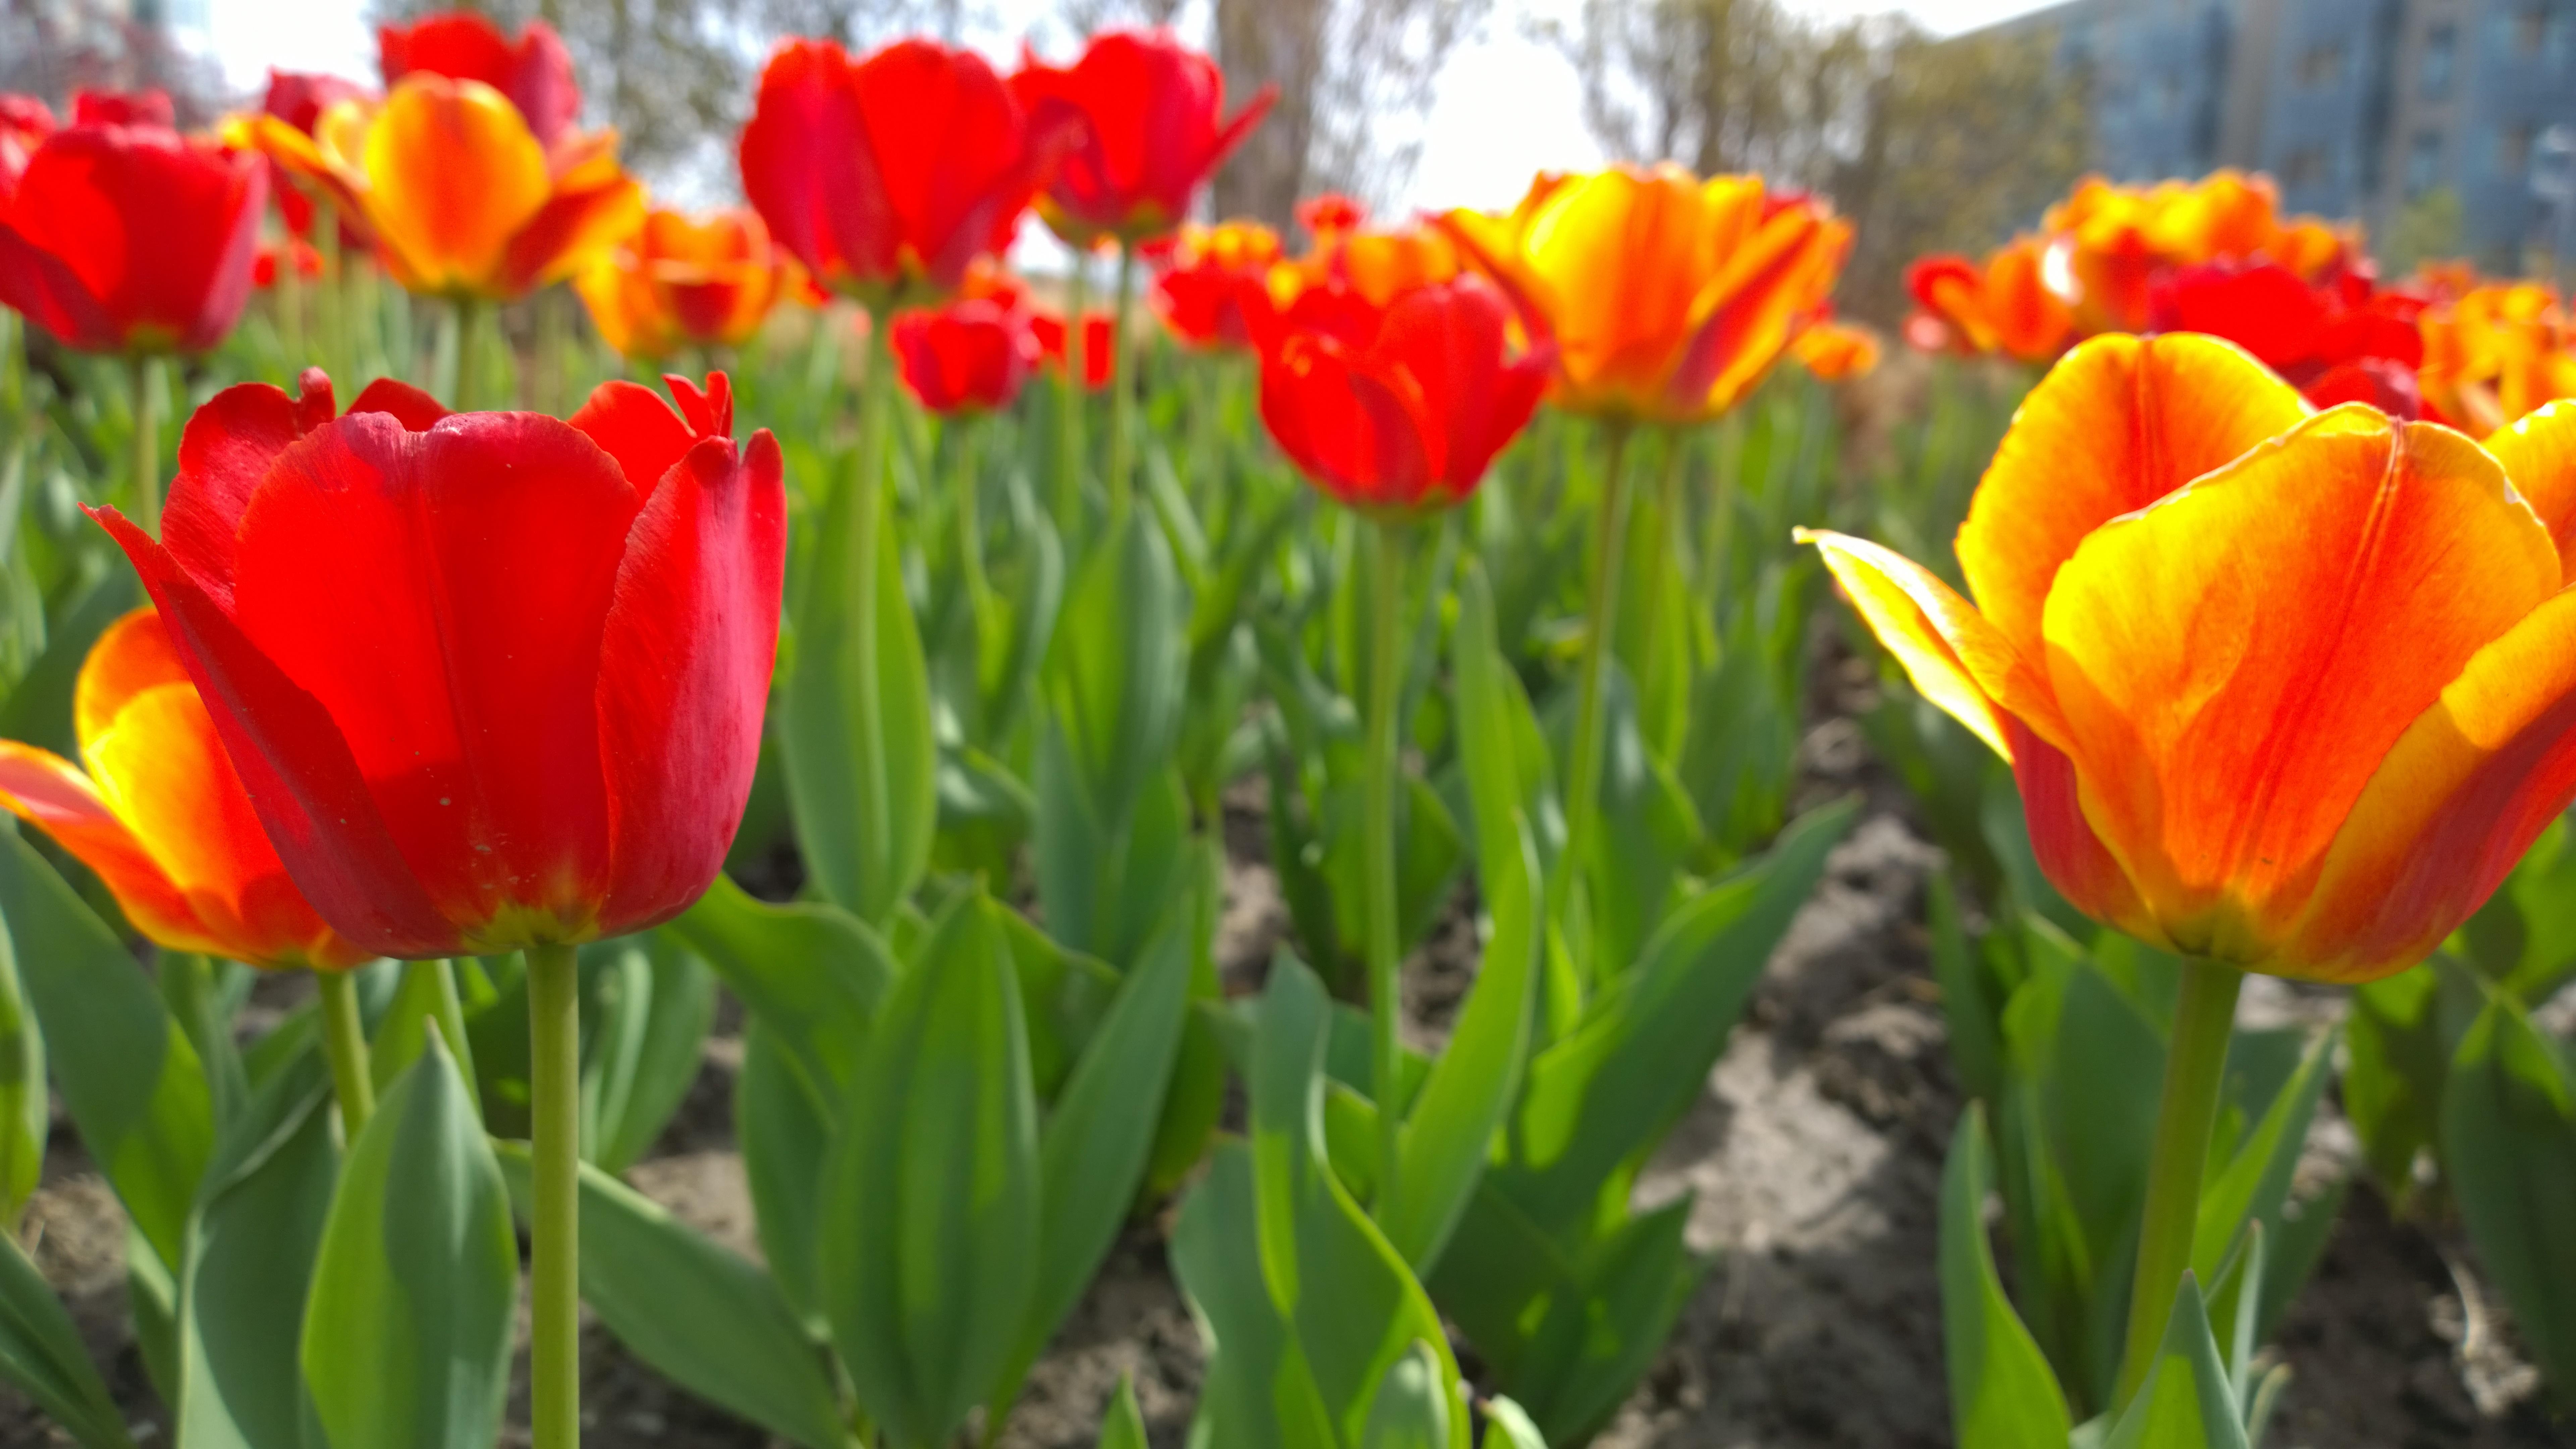 Tulips 8k Ultrahd Wallpaper Backiee Free Ultra Hd